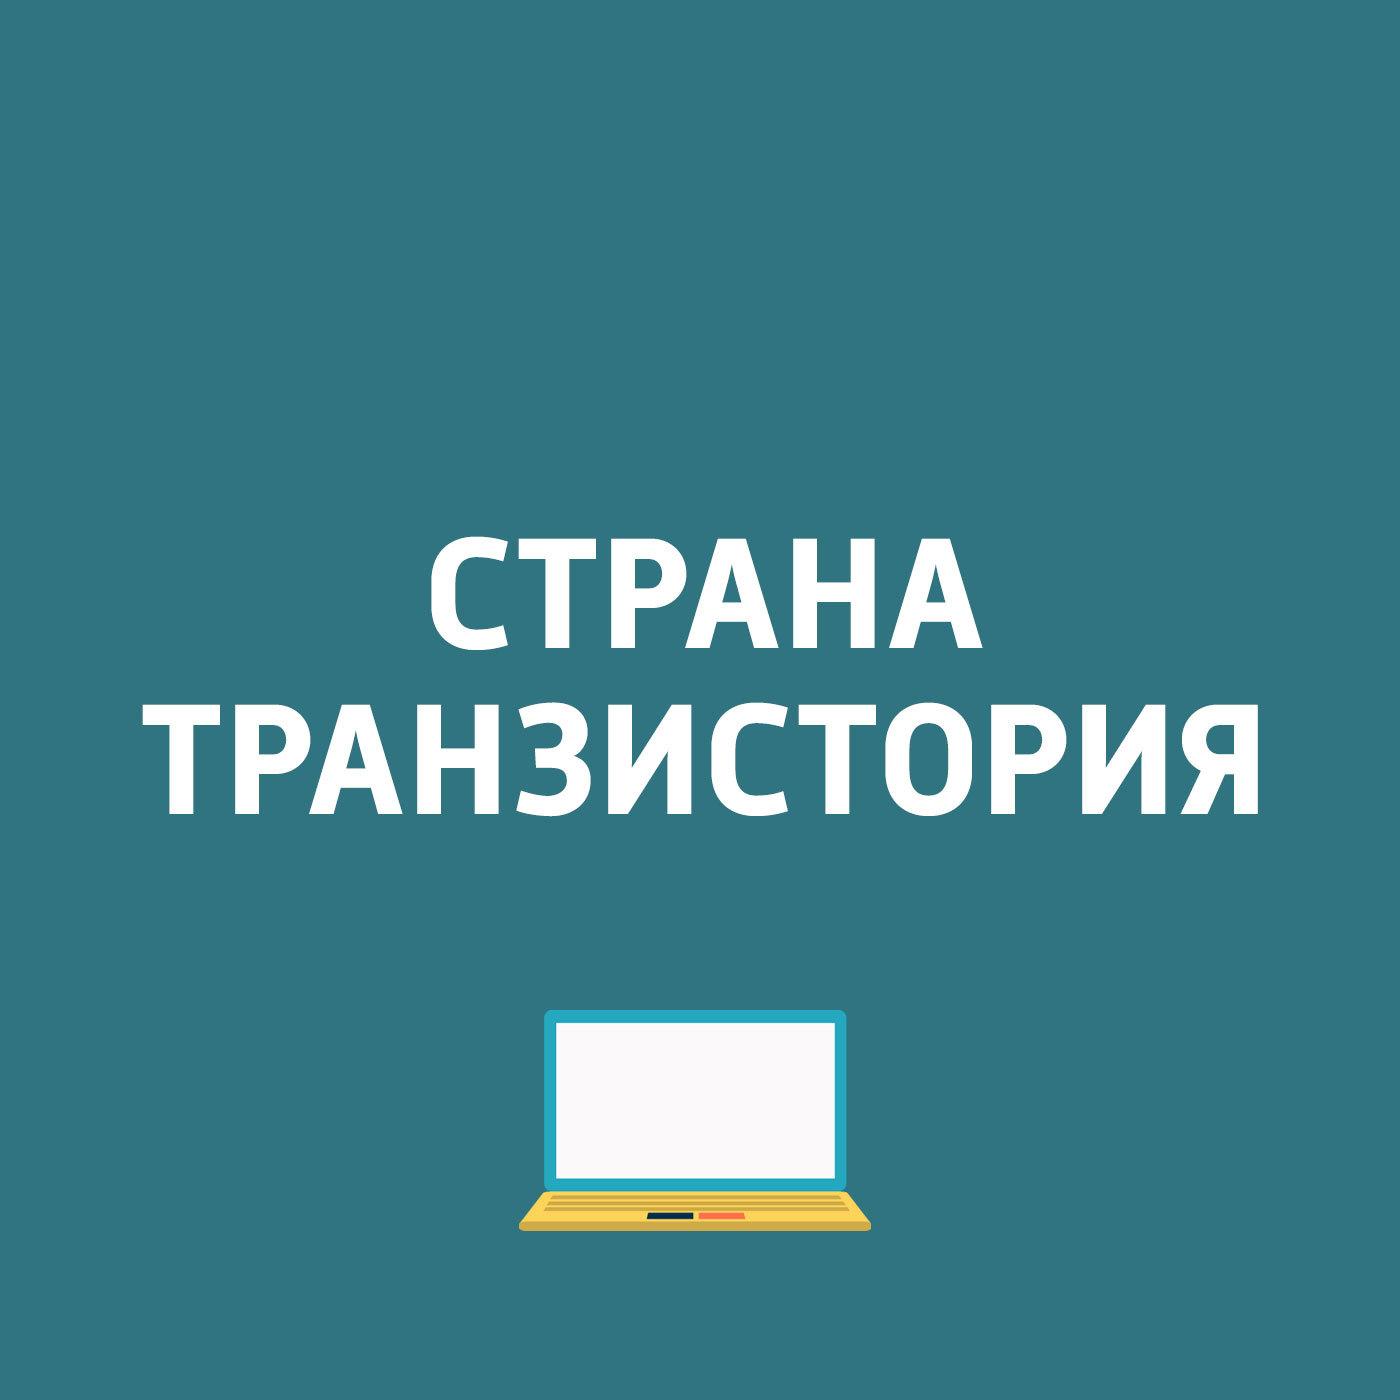 Картаев Павел Honor V8, Motorola представит новые смартфоны; «Яндекс научился ходить; Приложения WhatsApp для ПК; Periscope анонсировал новых функции картаев павел xperia xa ultra яндекс навигатор предупредит о превышении скорости запуск pokemon go в россии отложен